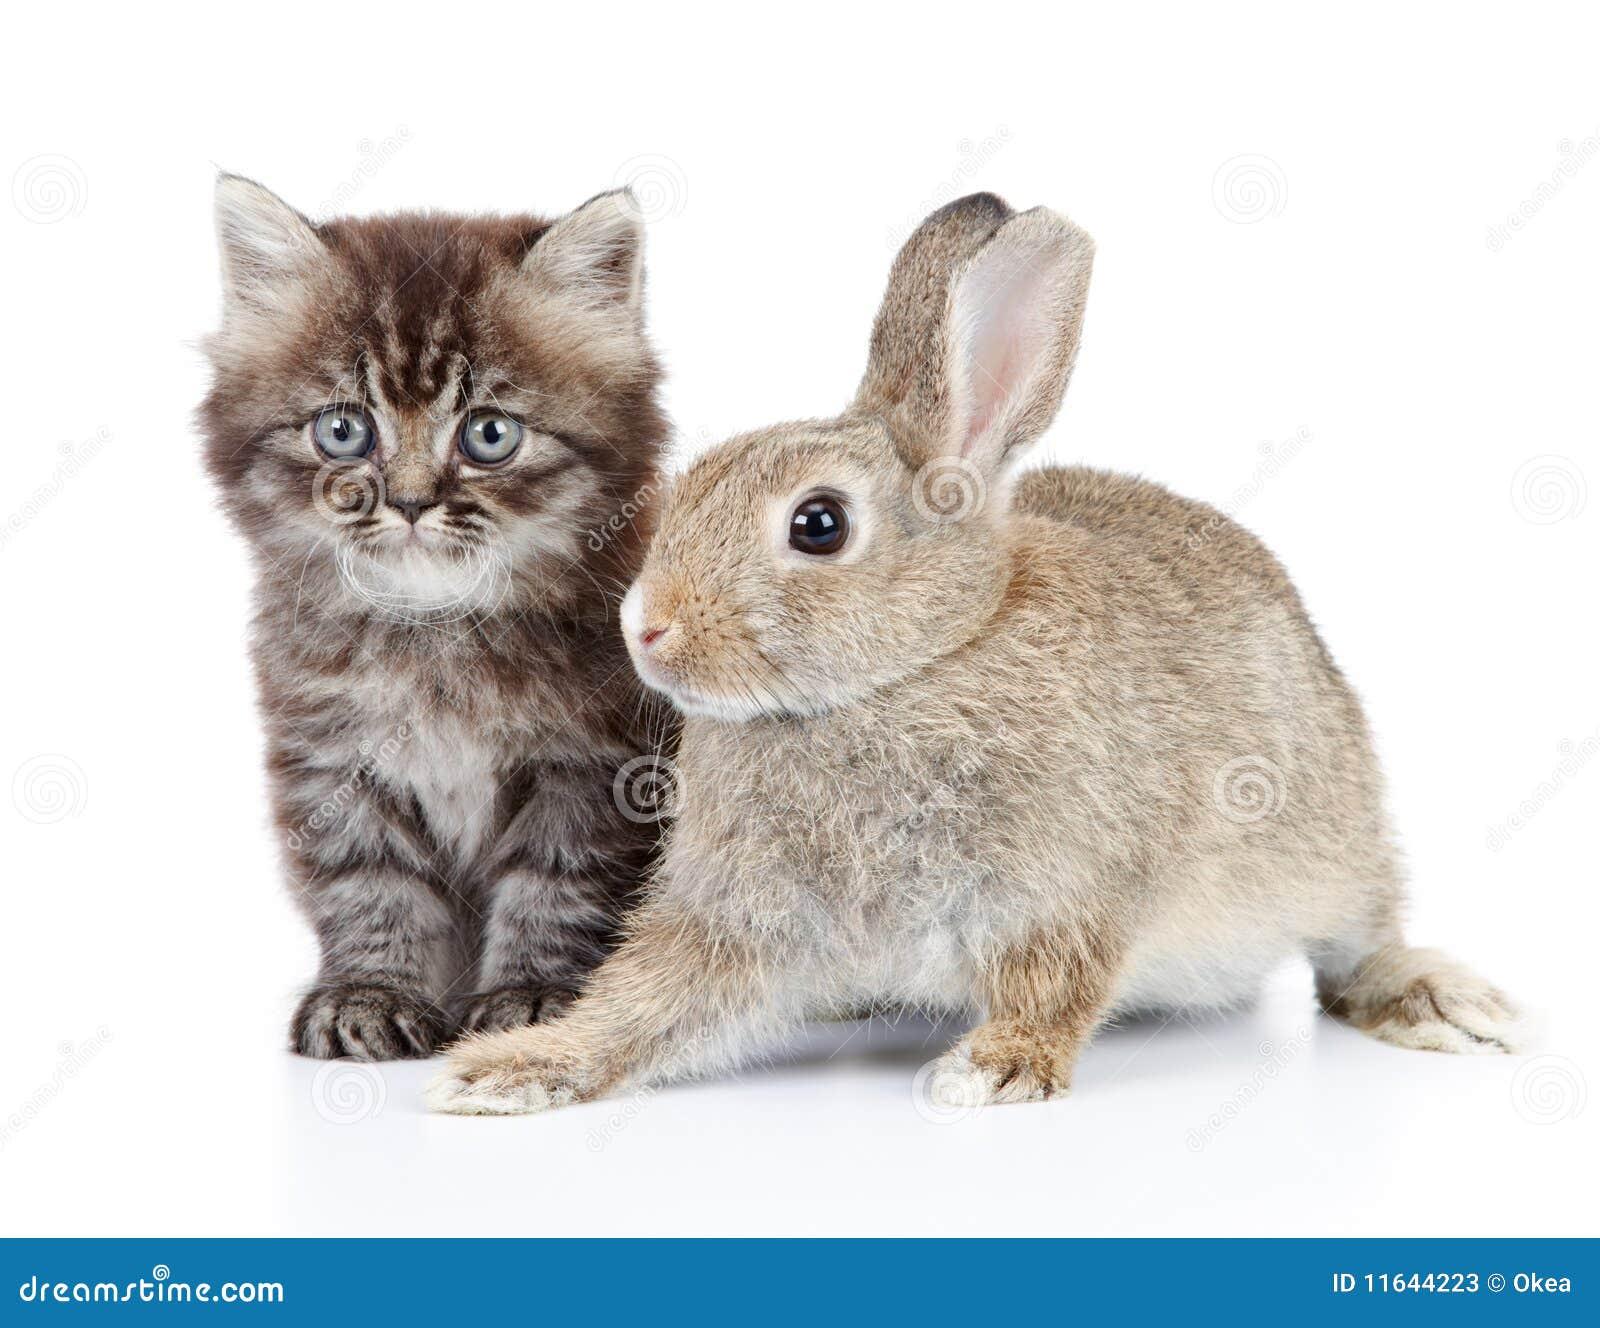 conejos chat Chat libro de visitas paginas amigas jueves, 12 de mayo de 2011 una cuarta parte de los conejos y liebres en peligro de extinciÓn.